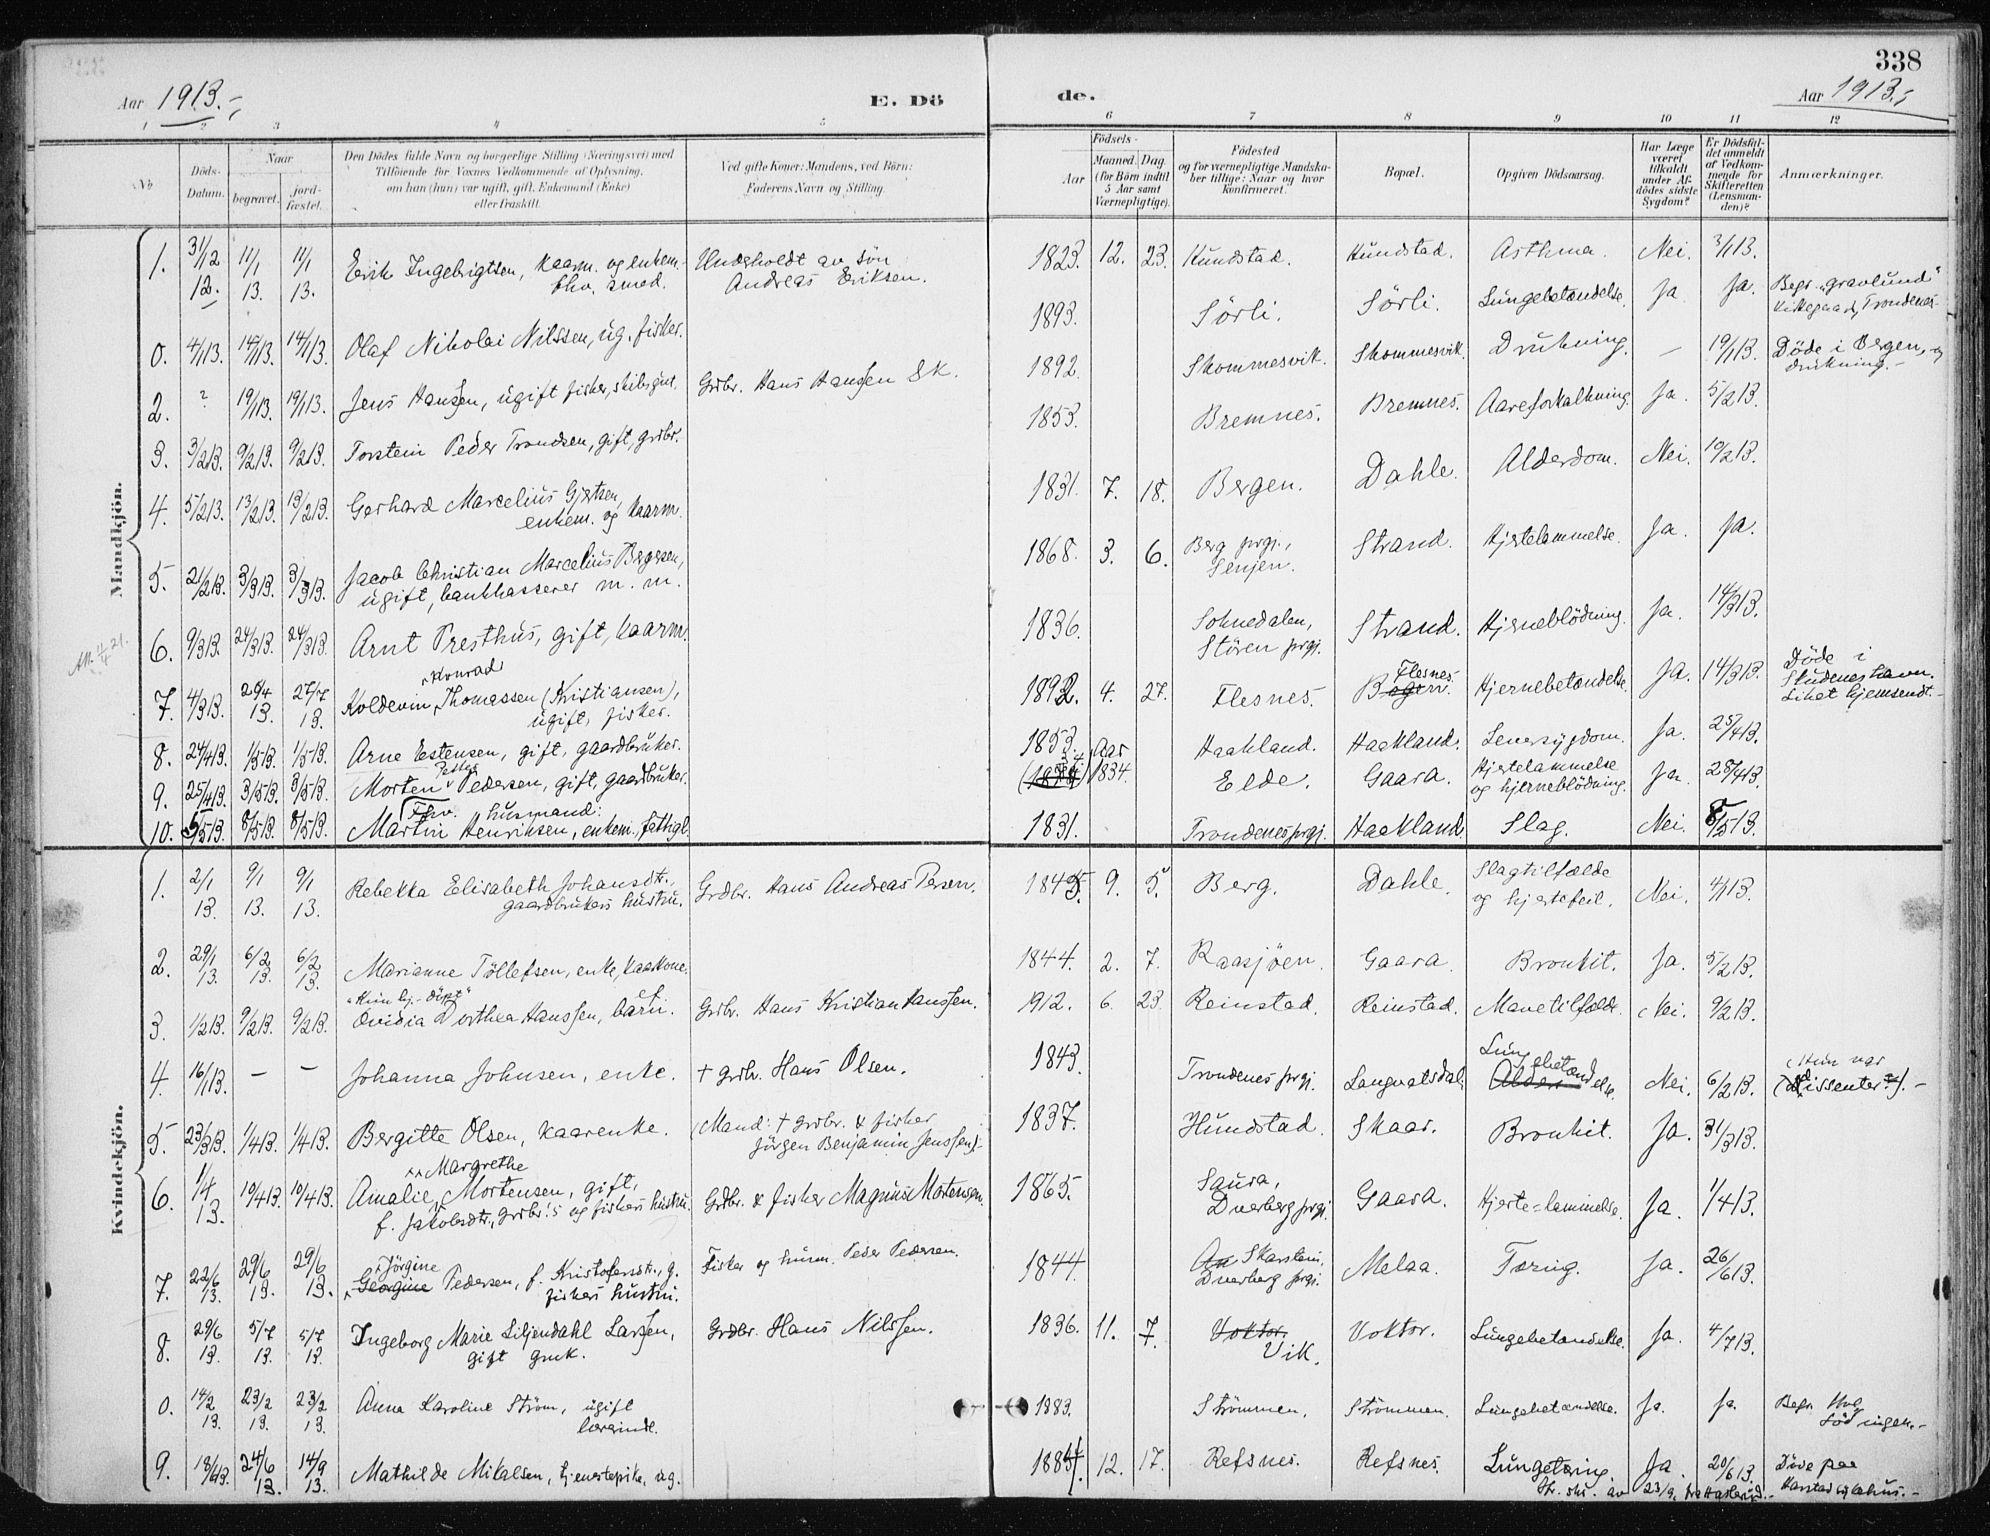 SATØ, Kvæfjord sokneprestkontor, G/Ga/Gaa/L0006kirke: Ministerialbok nr. 6, 1895-1914, s. 338